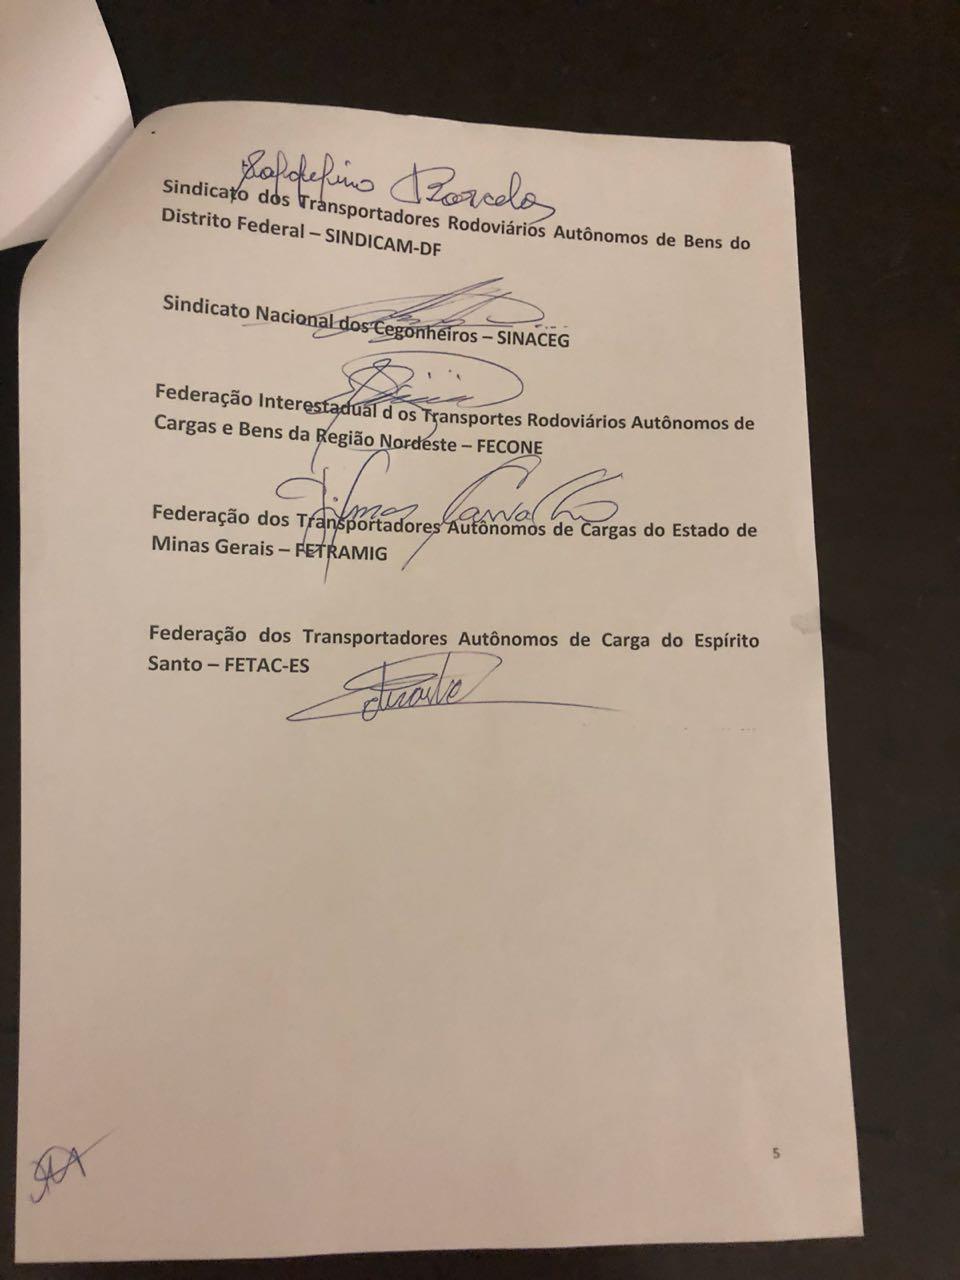 WhatsApp Image 2018 05 24 at 22.19.10 2 - GREVE NO BRASIL: Governo e caminhoneiros anunciam proposta de acordo; veja o documento